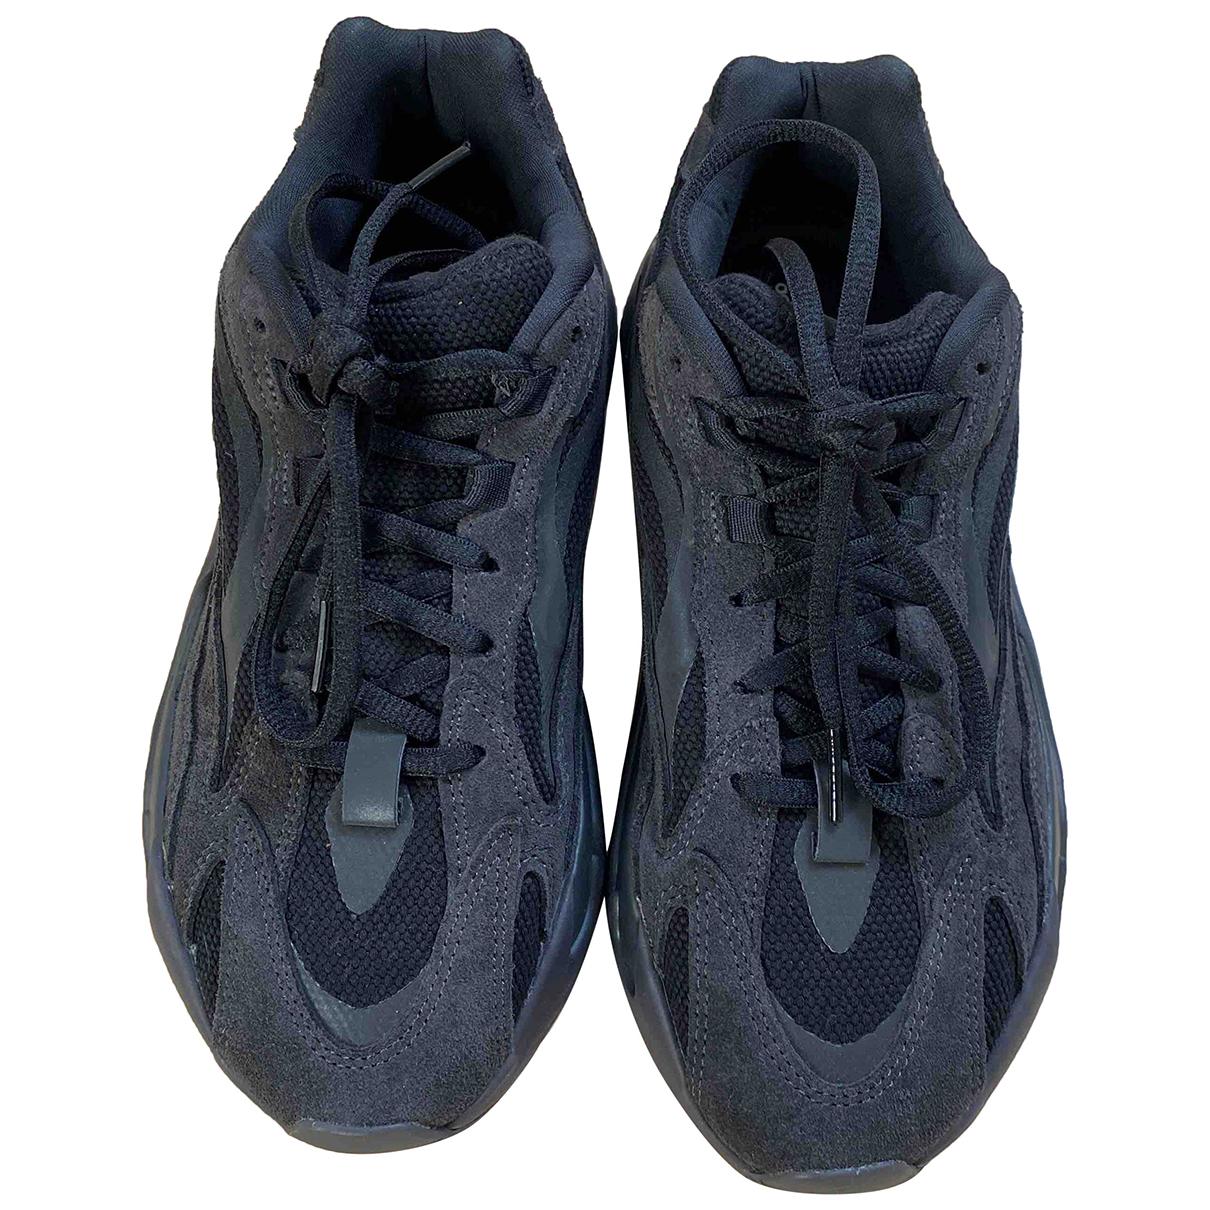 Yeezy X Adidas - Baskets Boost 700 V2 pour femme en toile - noir